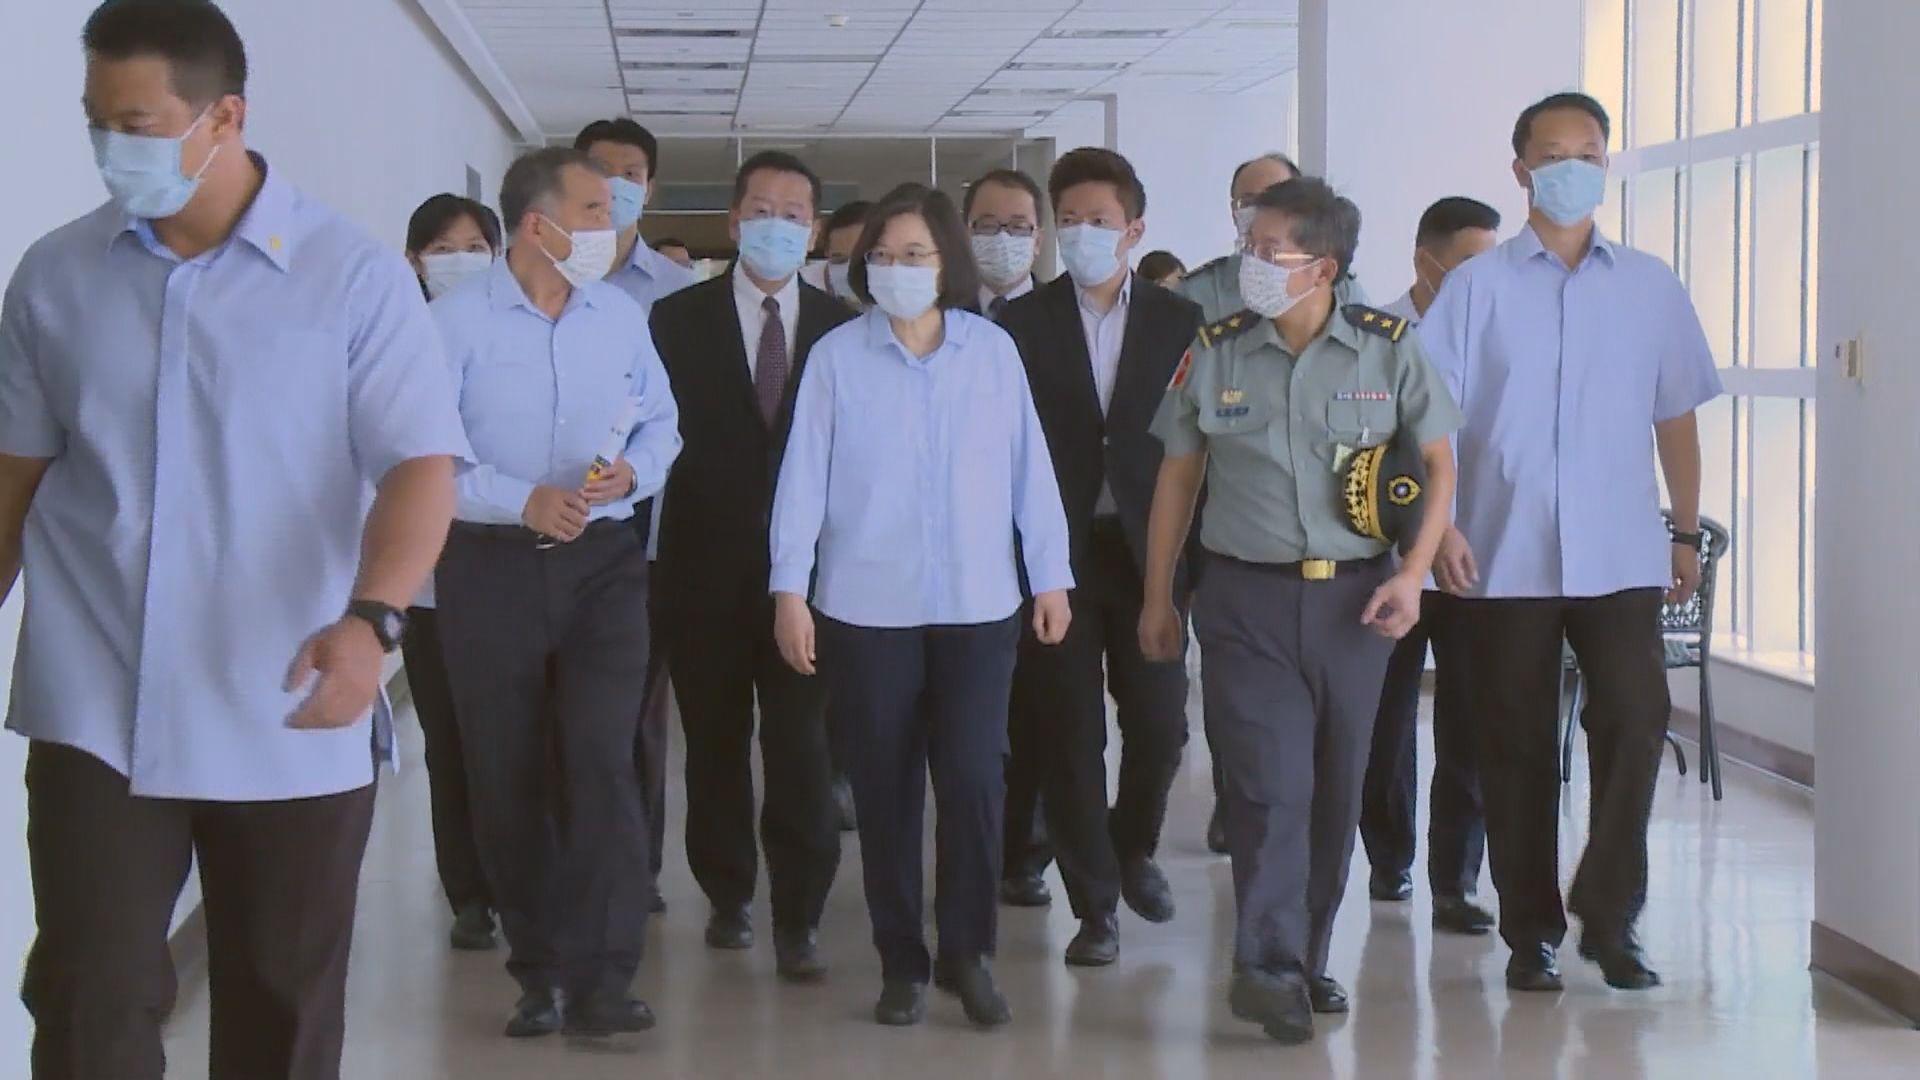 蔡英文視察軍方疫情指揮中心 要求軍方全面配合防疫